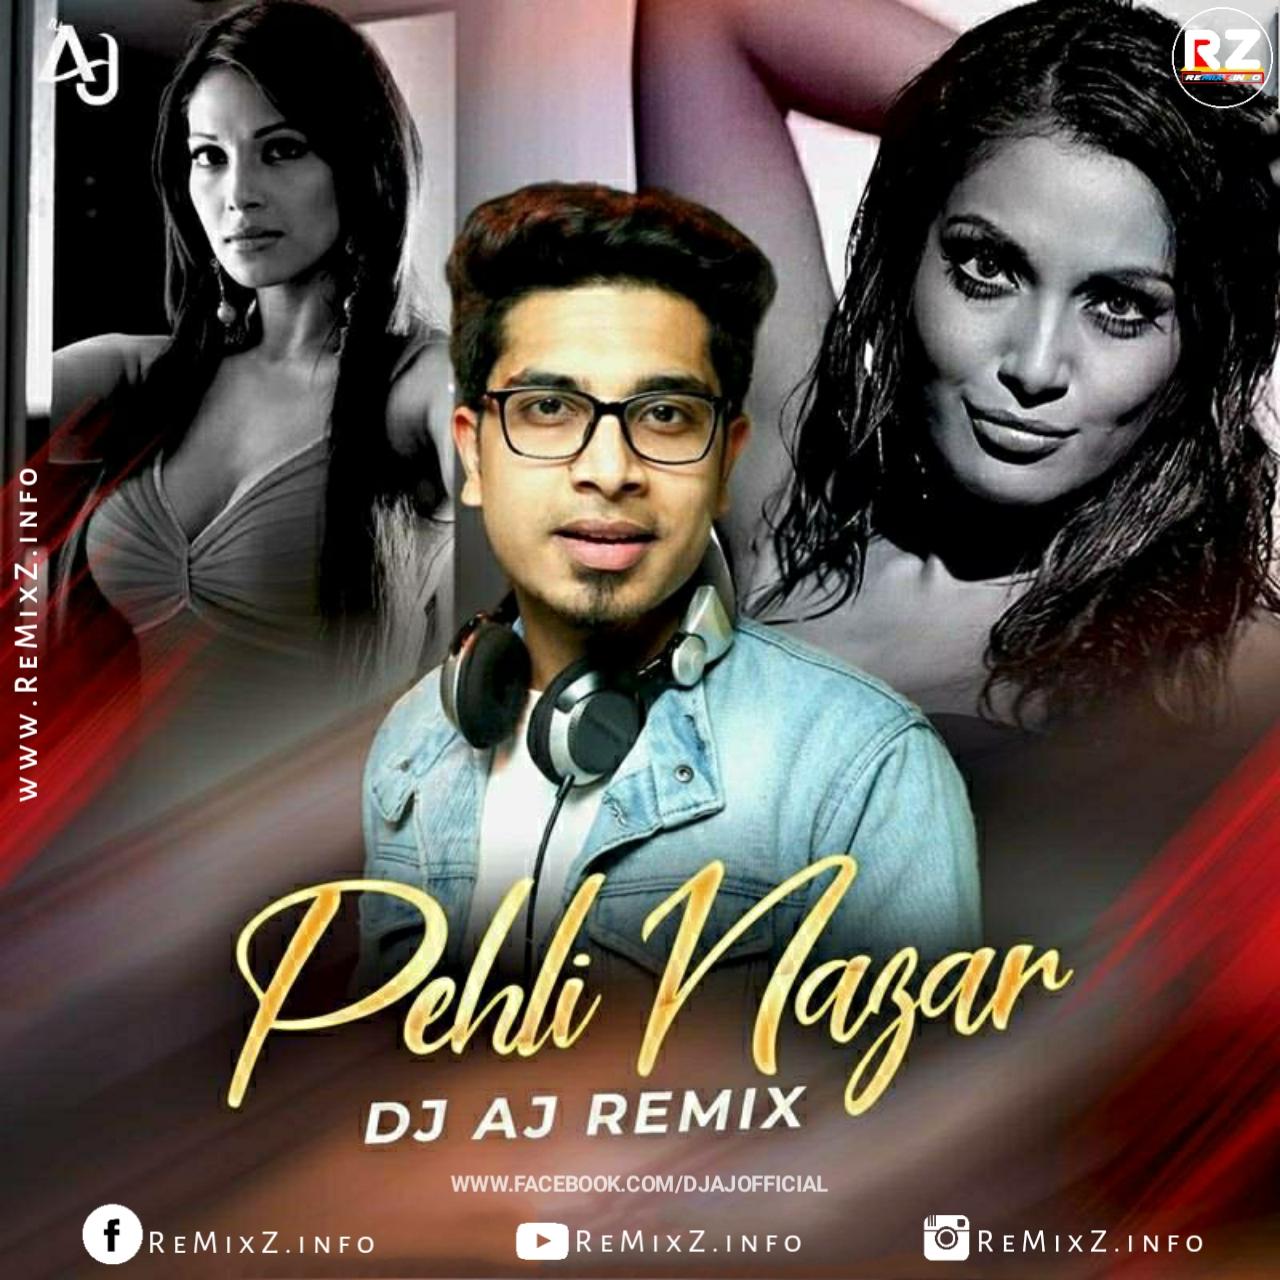 pehli-nazar-mein-dj-aj-remix.jpg